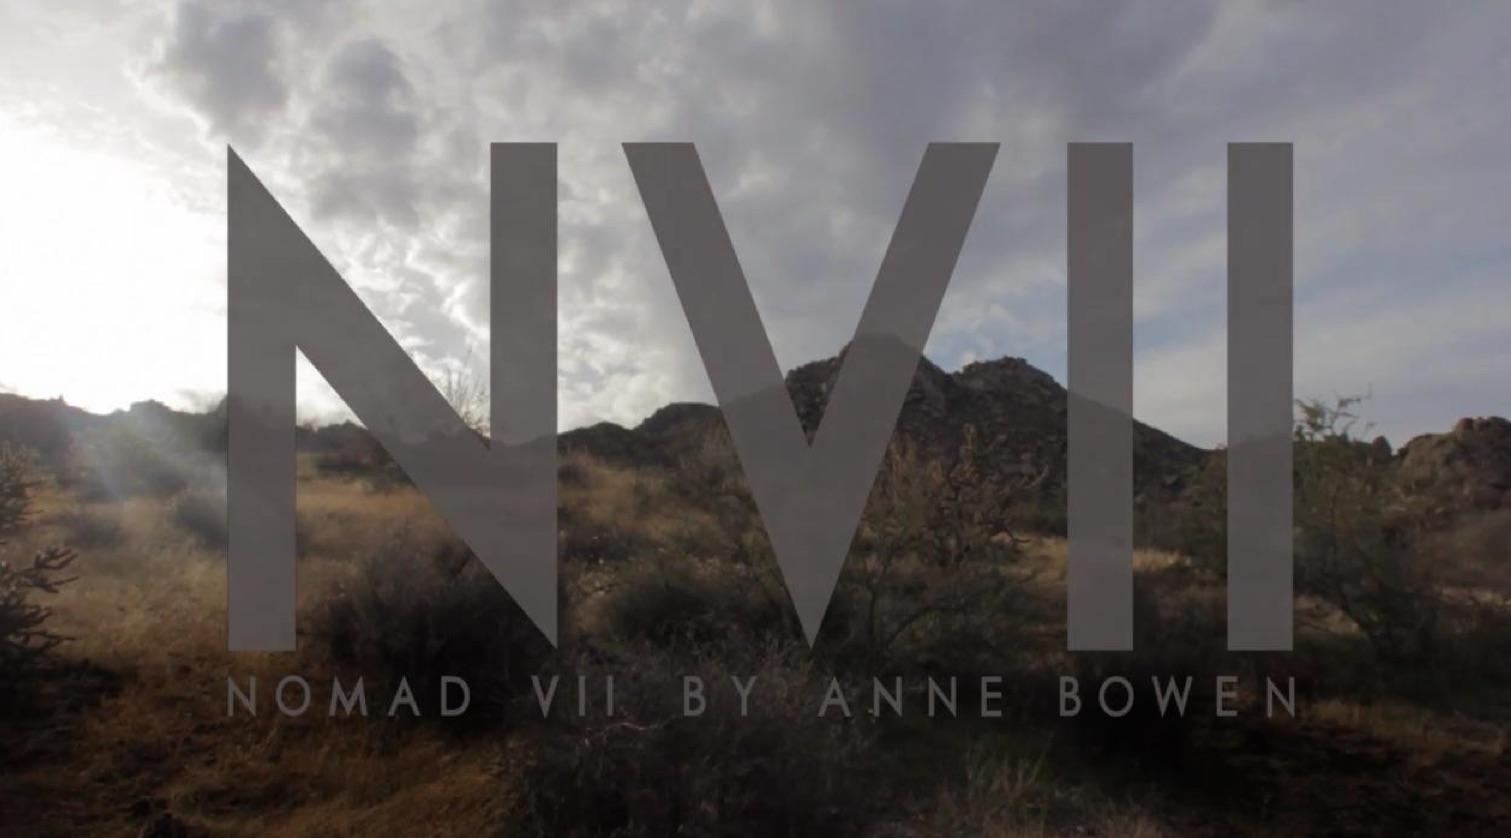 NVII by Anne Bowen